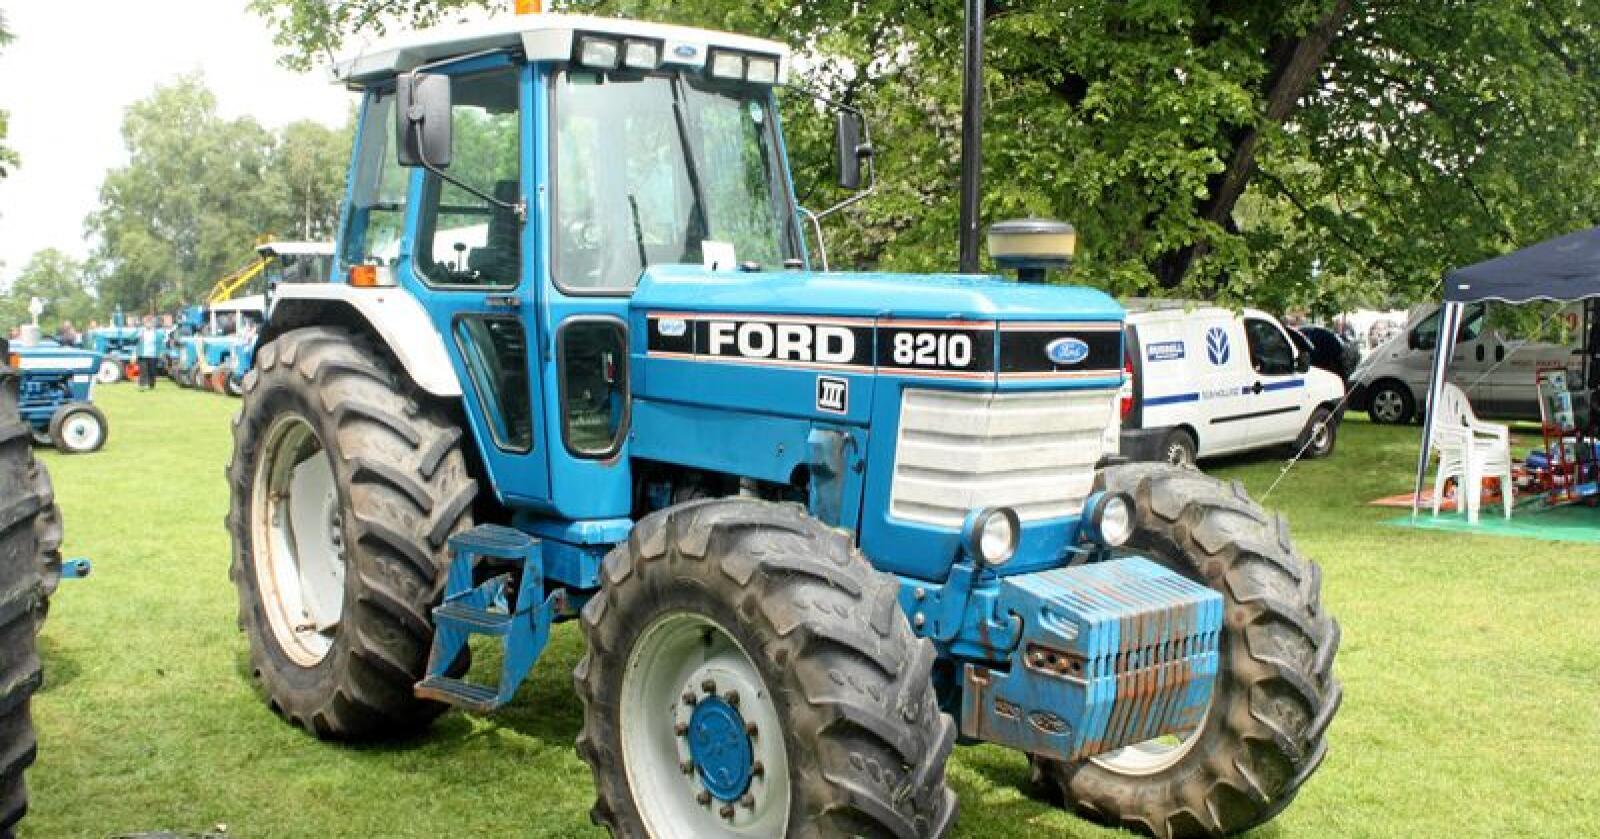 En britisk bonde ble frastjålet en Ford fra gården sin sør i Storbritannia. Foto: BulldozerD11 / Tractor Fandoms